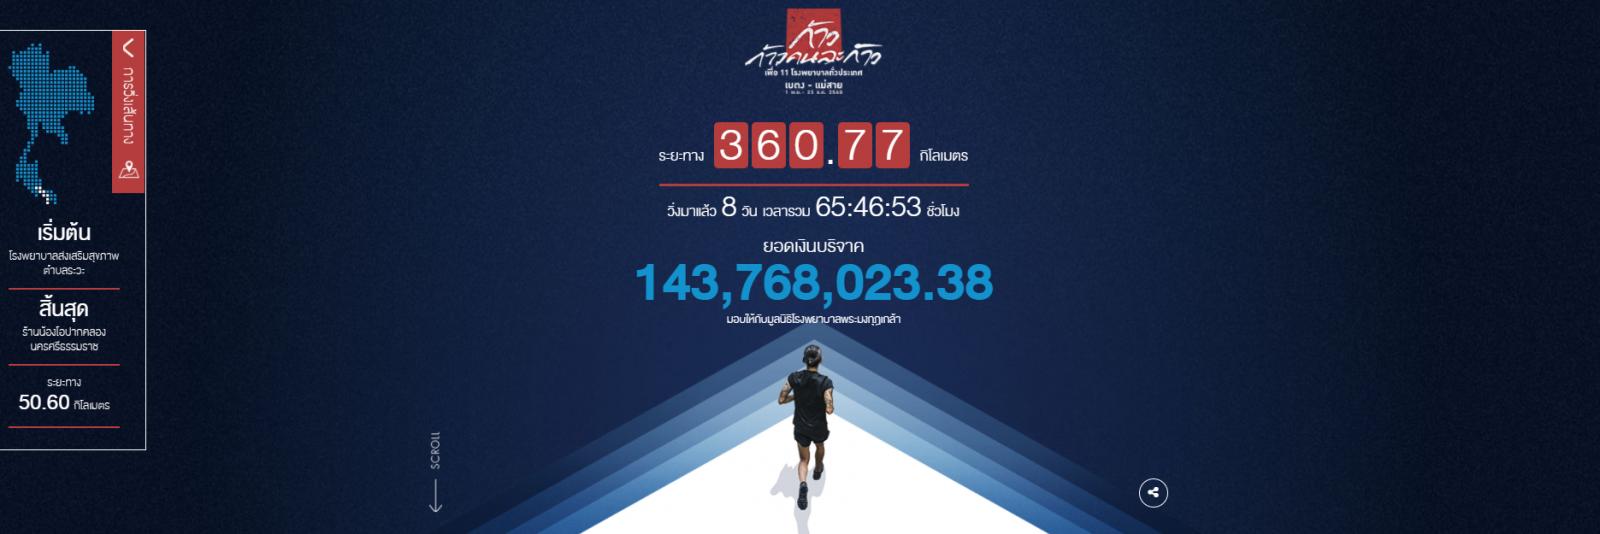 """""""ตูน"""" วิ่งวันที่ 9 มุ่งหน้าเมืองคอน ยอดบริจาคกว่า 143 ล้านบาท"""